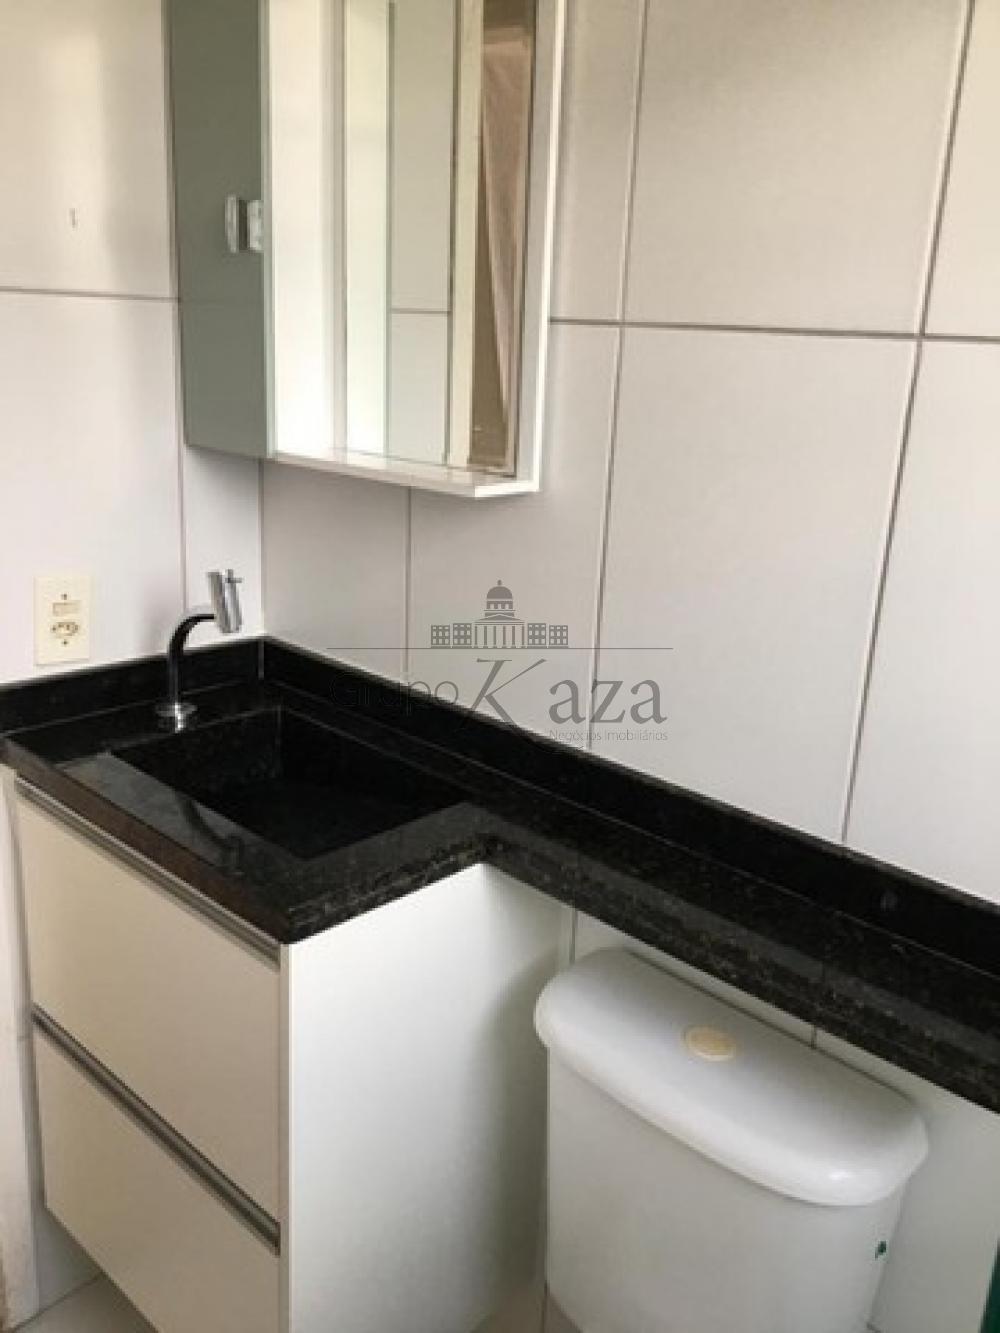 Alugar Apartamento / Padrão em São José dos Campos R$ 1.200,00 - Foto 7